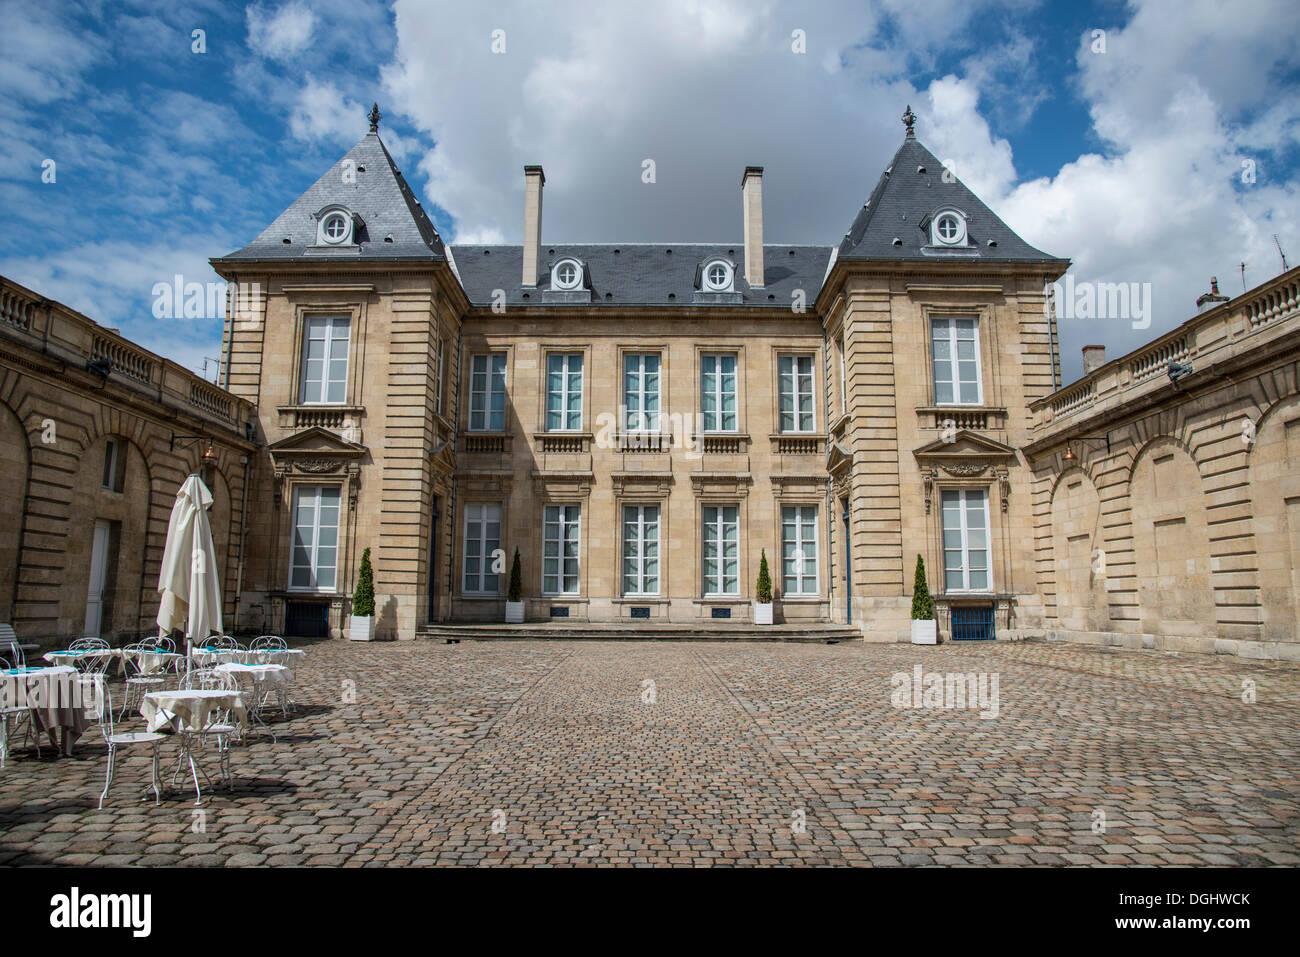 Musee des Arts Decoratifs, Bordeaux, Aquitaine, France, Europe - Stock Image